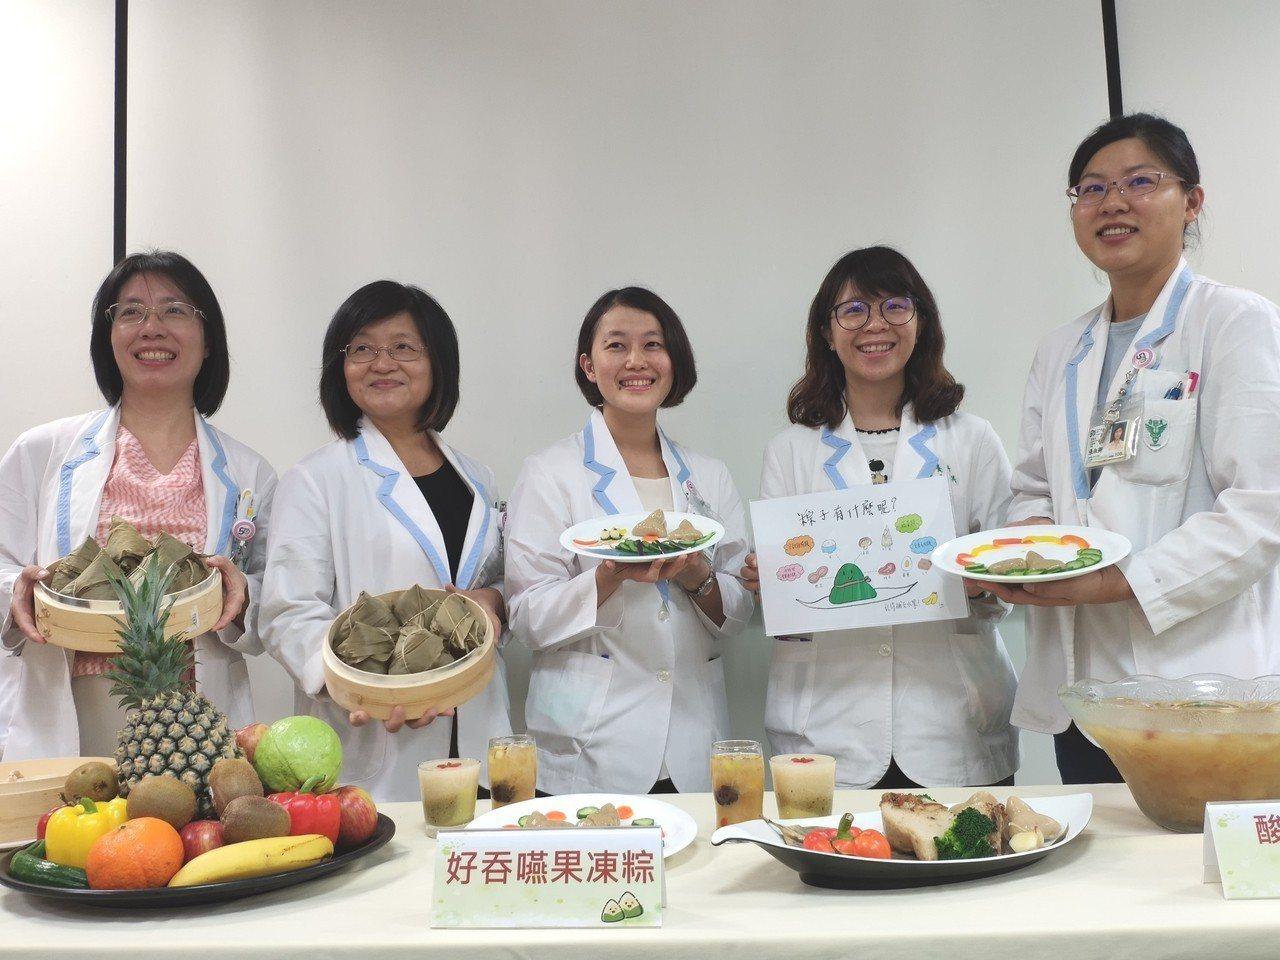 端午節將屆 ,柳營奇美醫院營養科推出好吞嚥的果凍粽。記者謝進盛/攝影